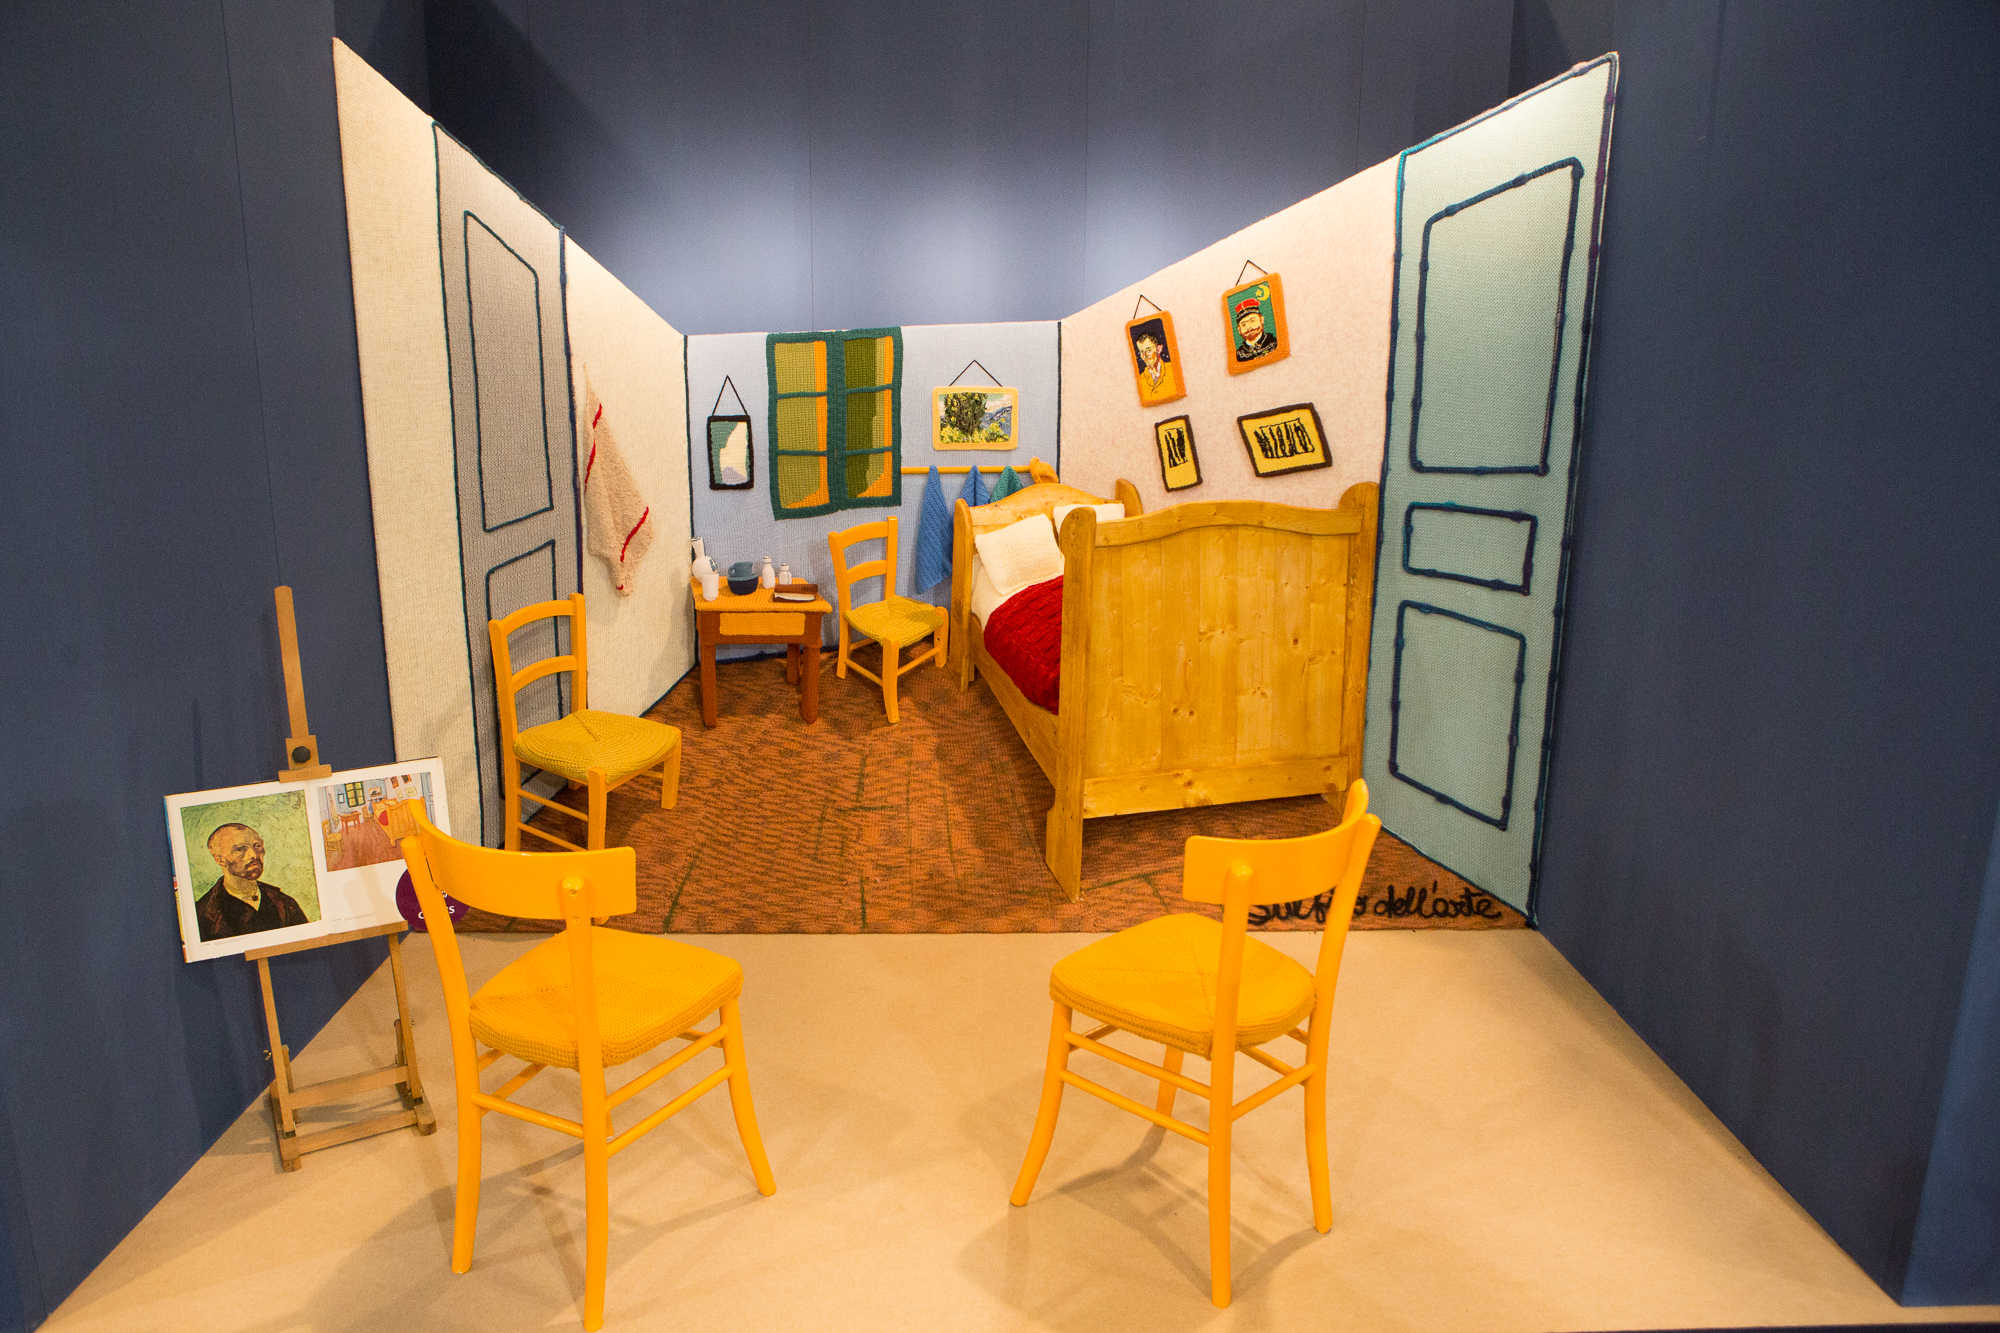 La camera di van gogh a maglia semieidee - La camera da letto van gogh ...